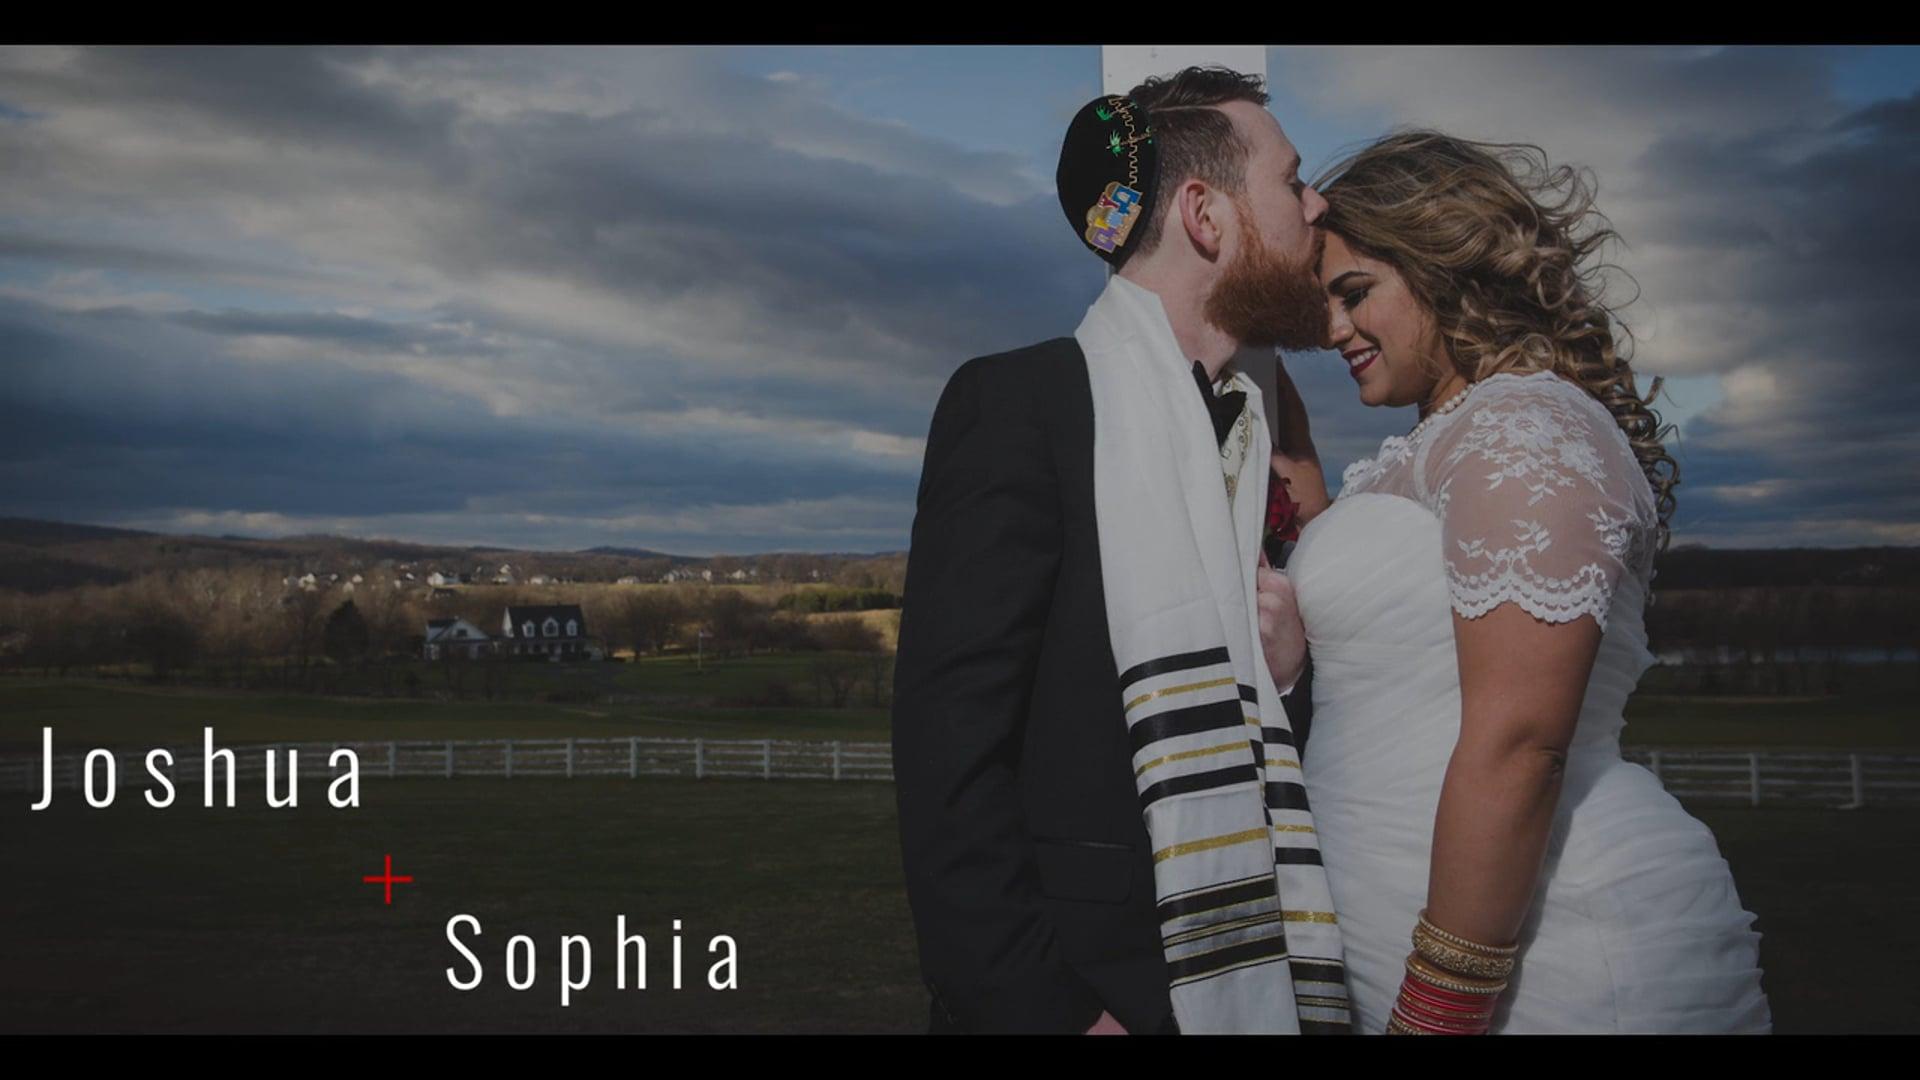 JOSHUA & SOPHIA